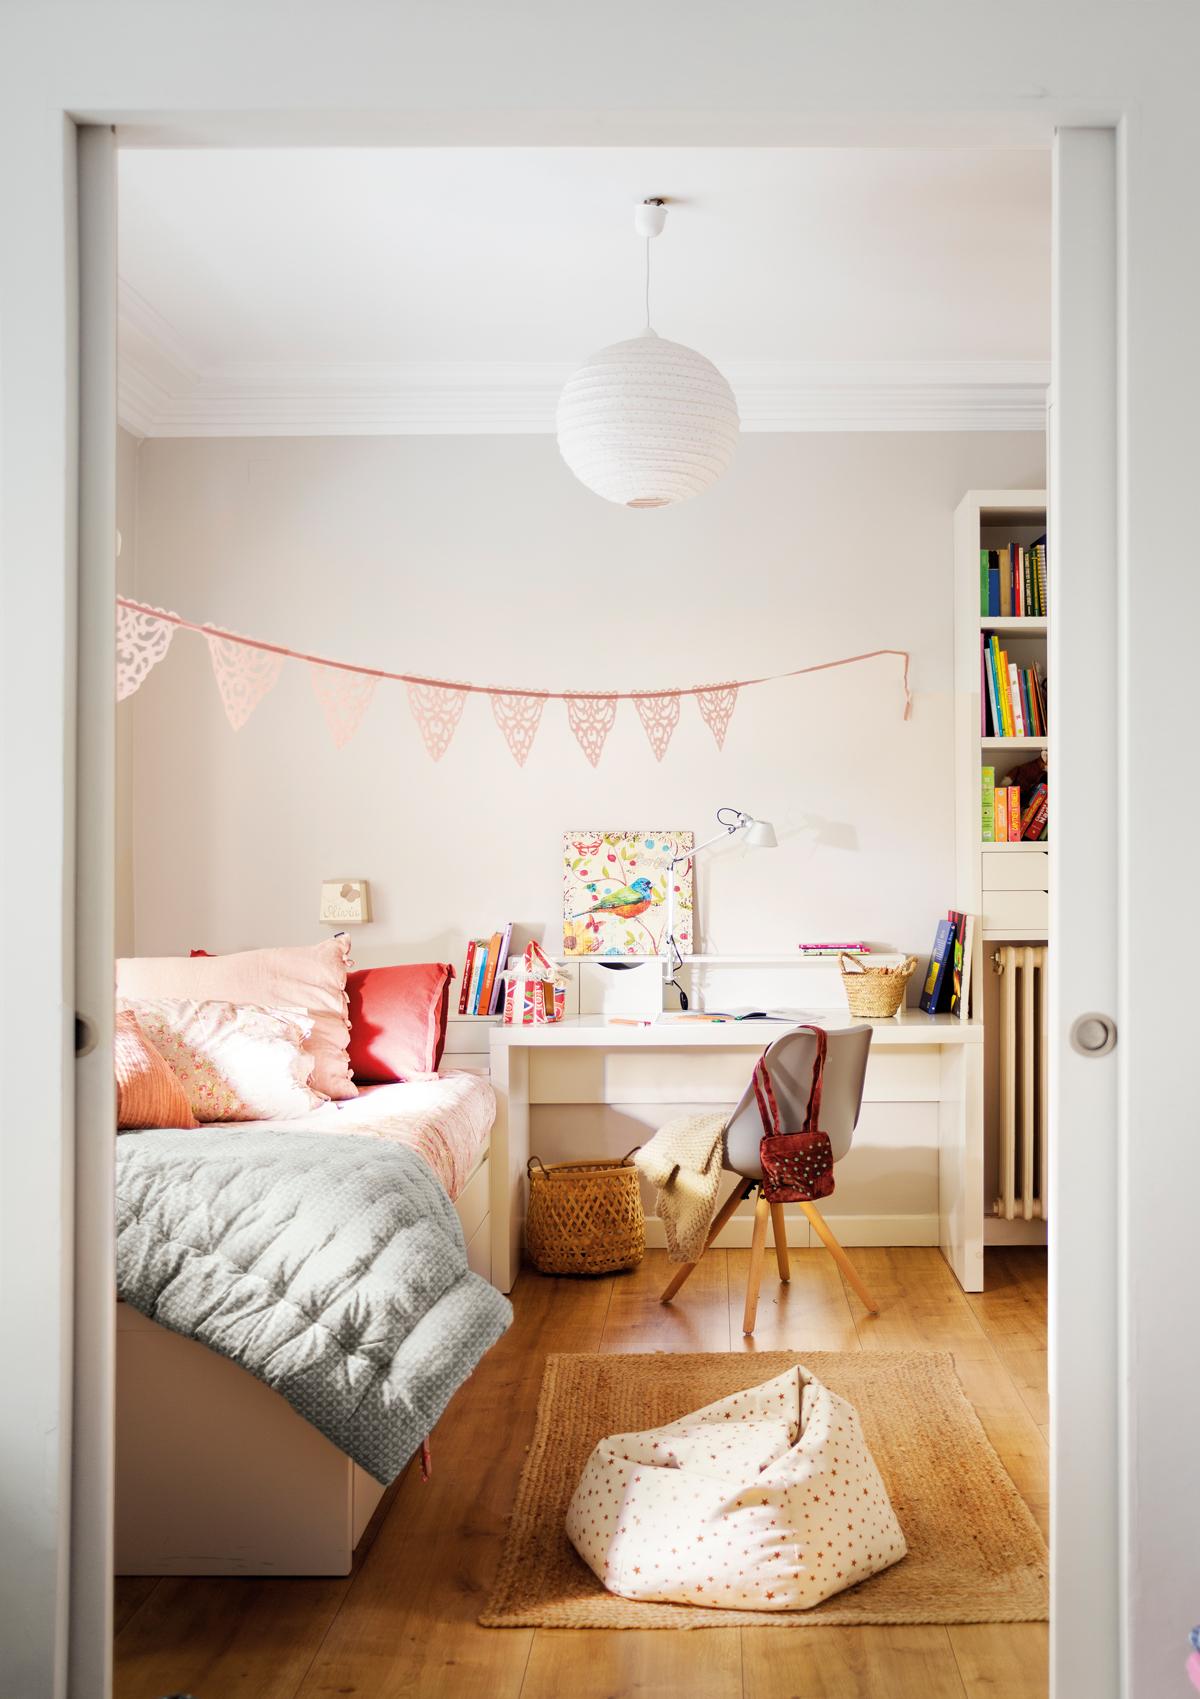 dormitorio infantil con escritorio a medida en blanco y guirnalda rosa